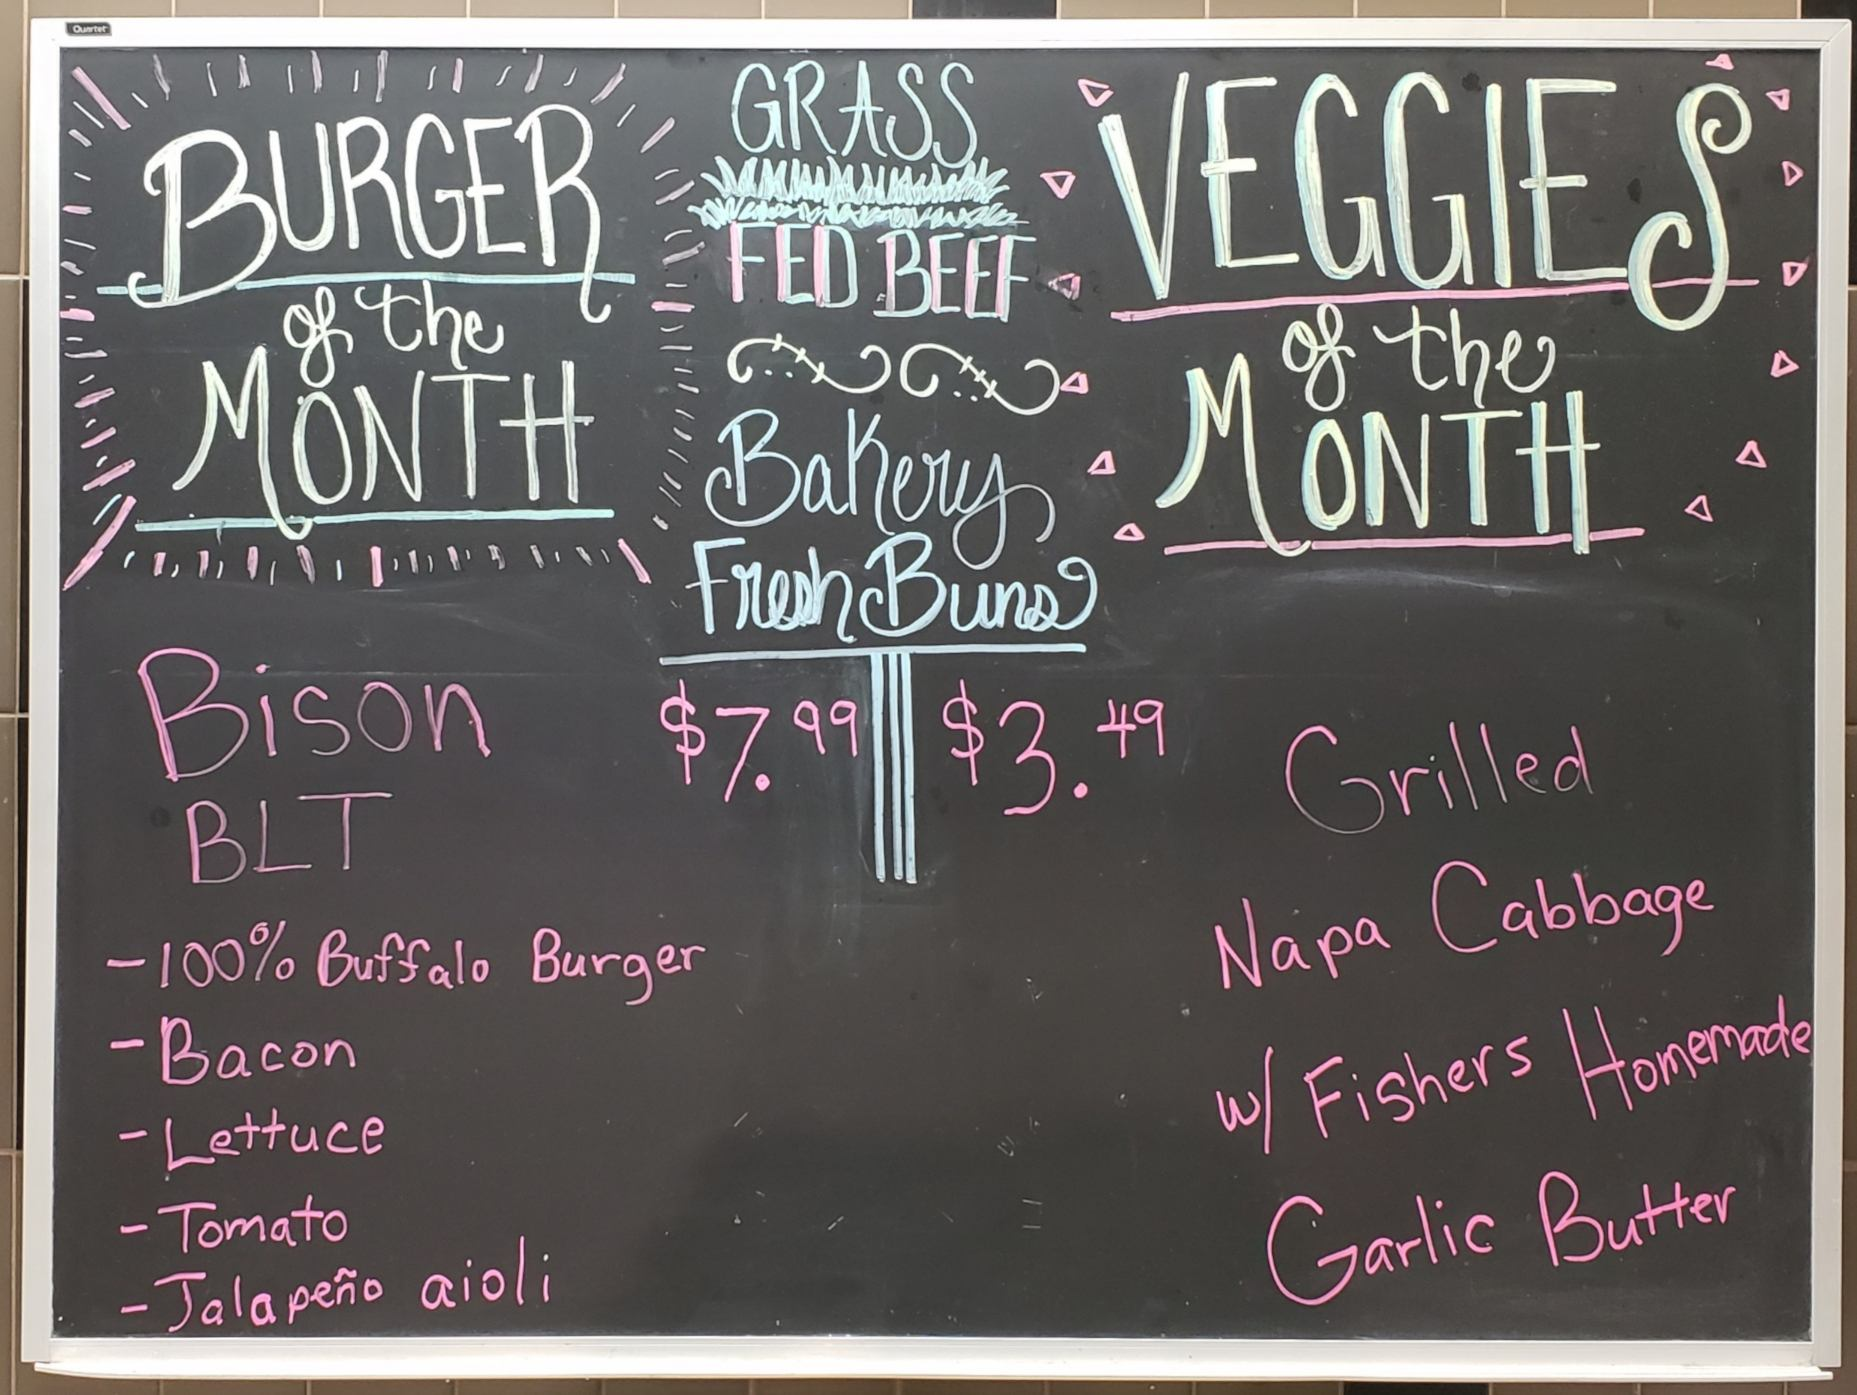 Bison BLT Burger